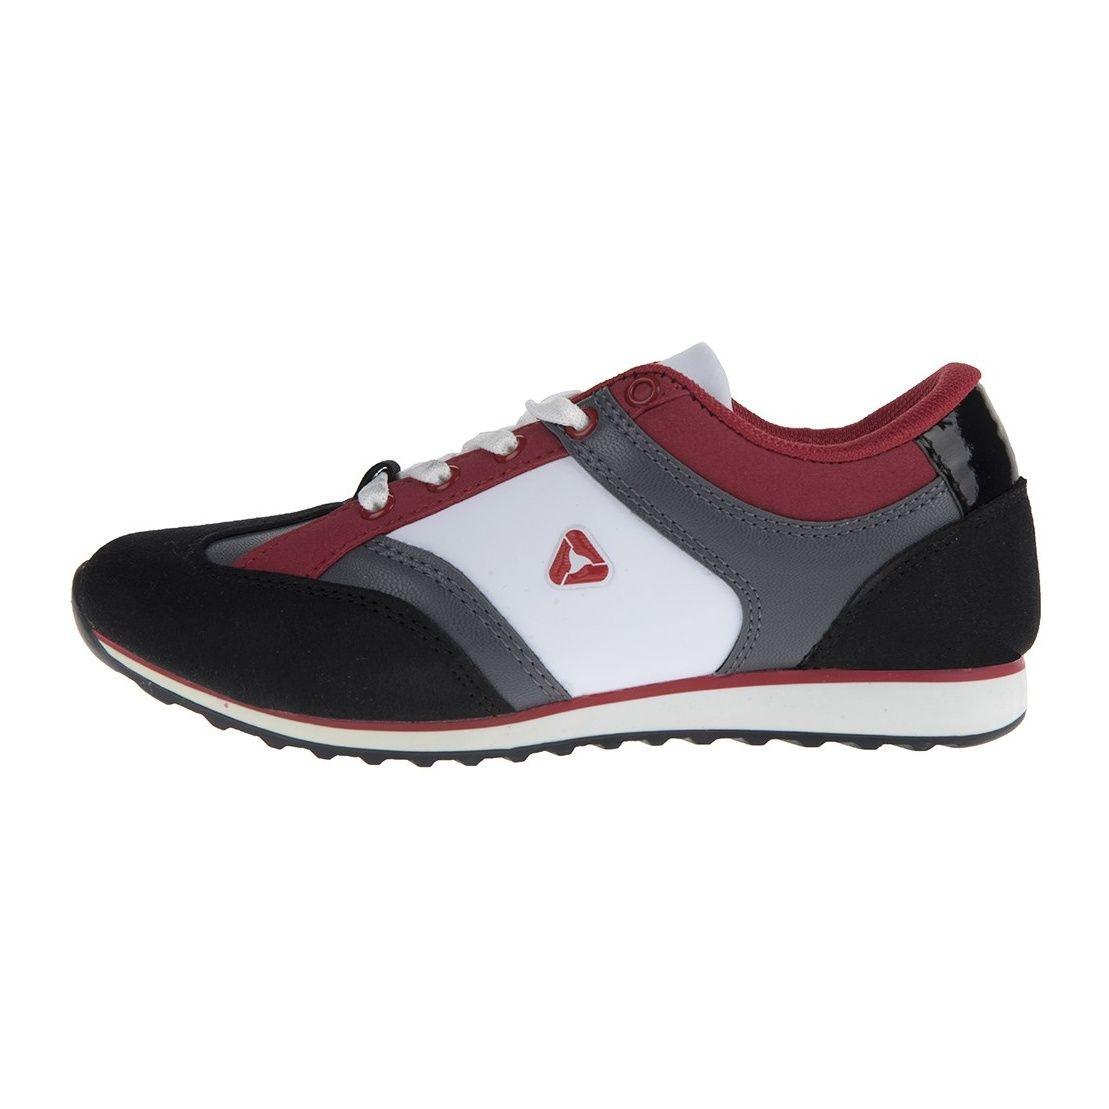 کفش راحتی بچه گانه لتون مدل Karulo main 1 1